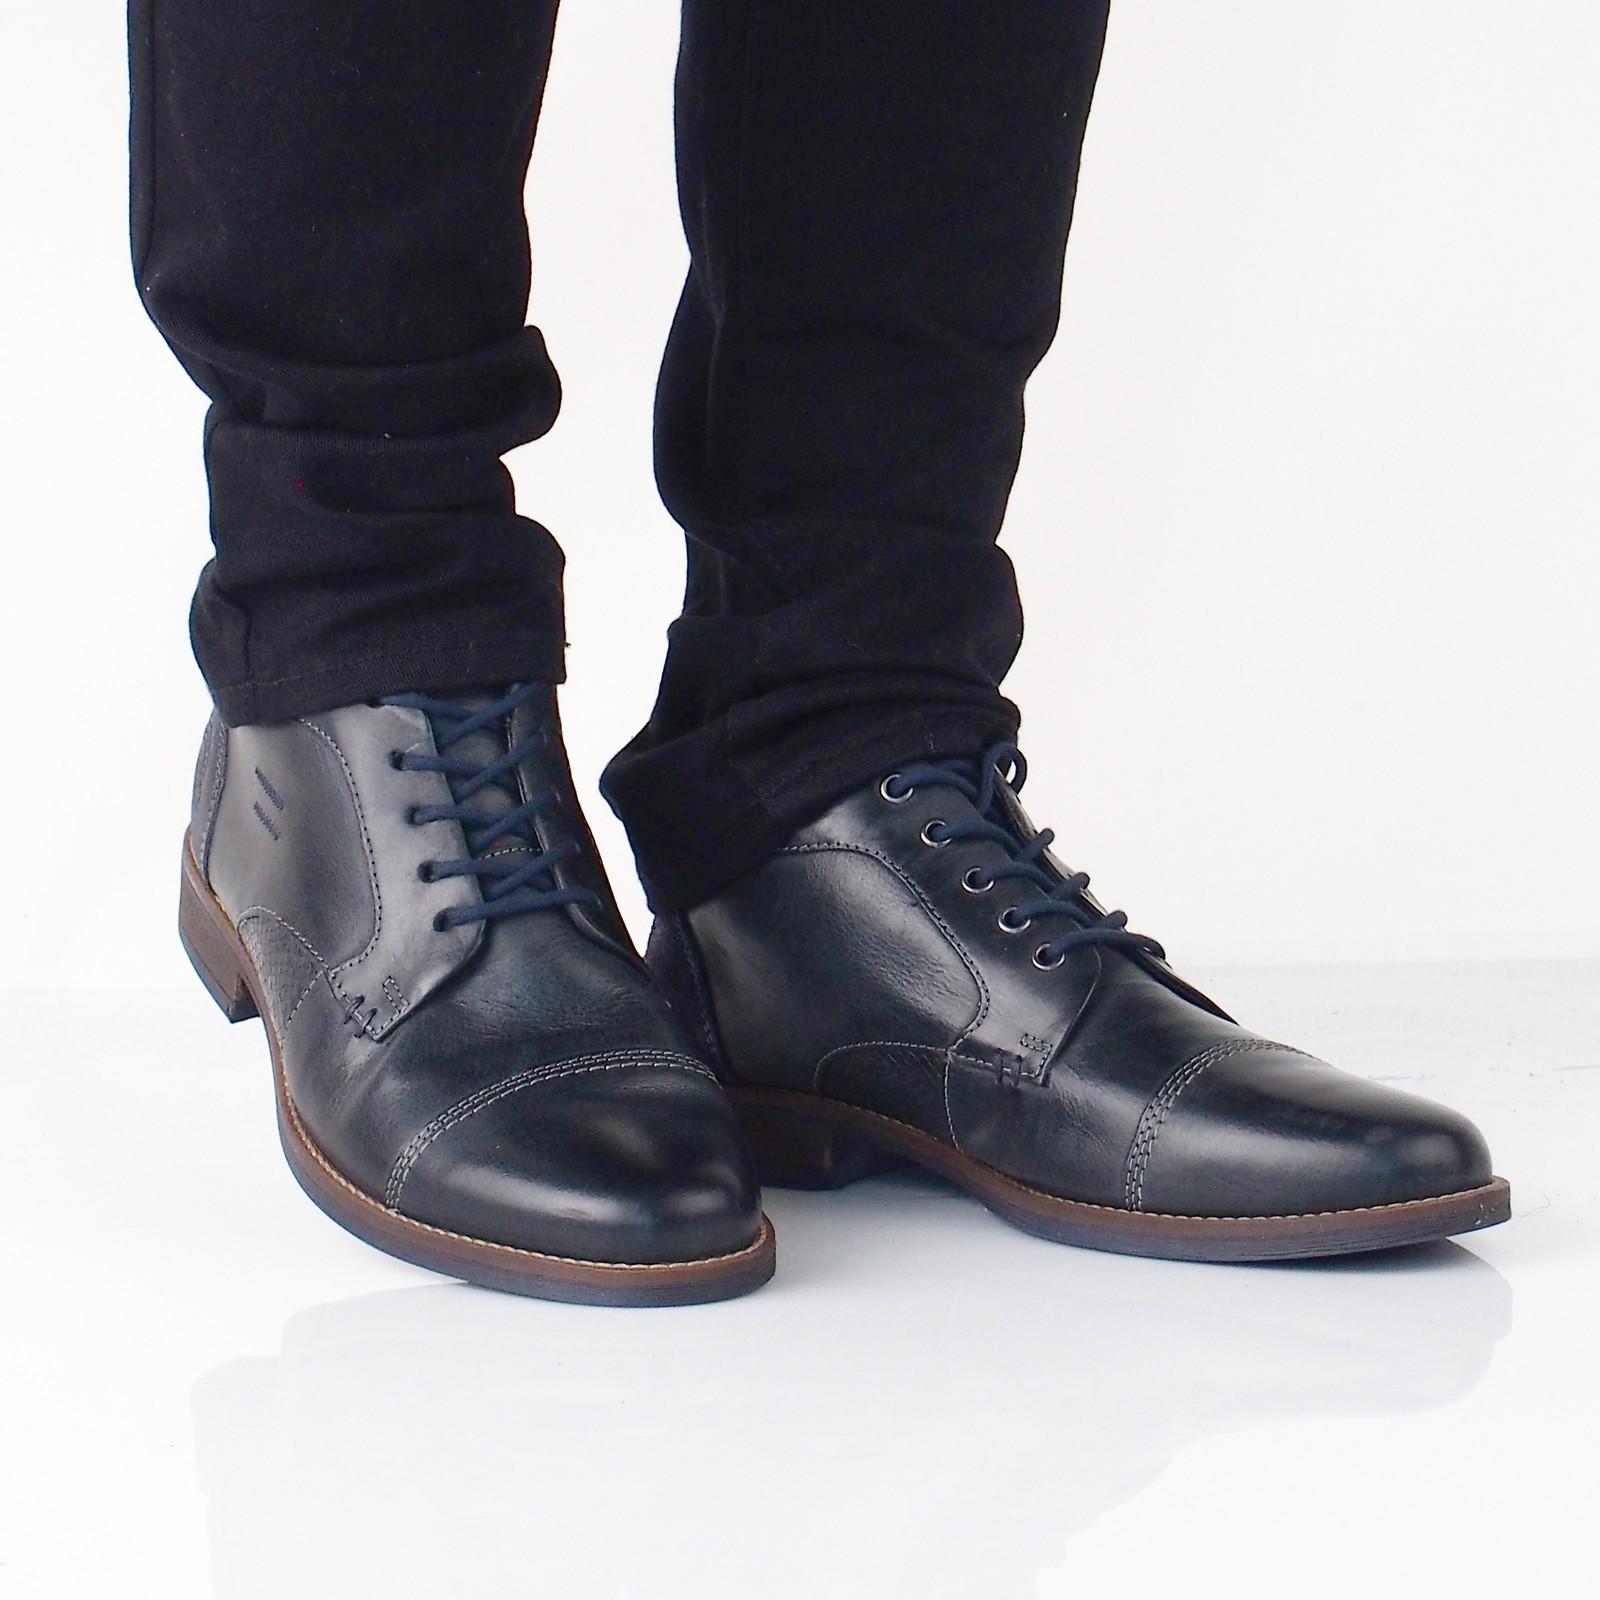 a9b52b9028 Klondike pánska kožená členková obuv - tmavomodrá ...